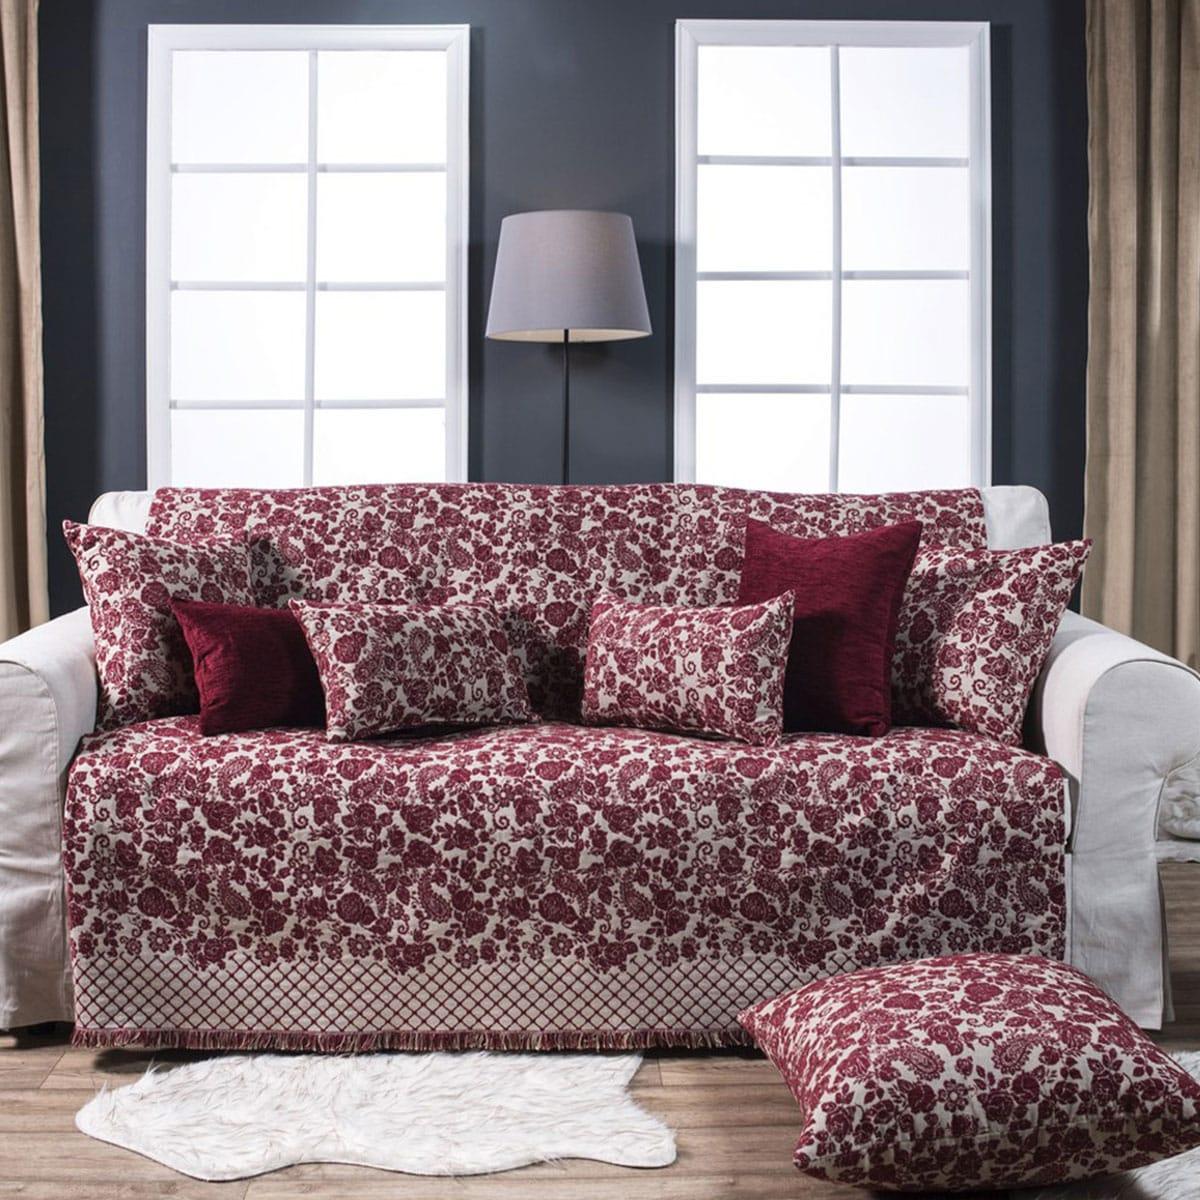 Μαξιλαροθήκη Διακοσμητική Δαπέδου Tennessee 10 Bordo Teoran 60X60 Ακρυλικό-Polyester